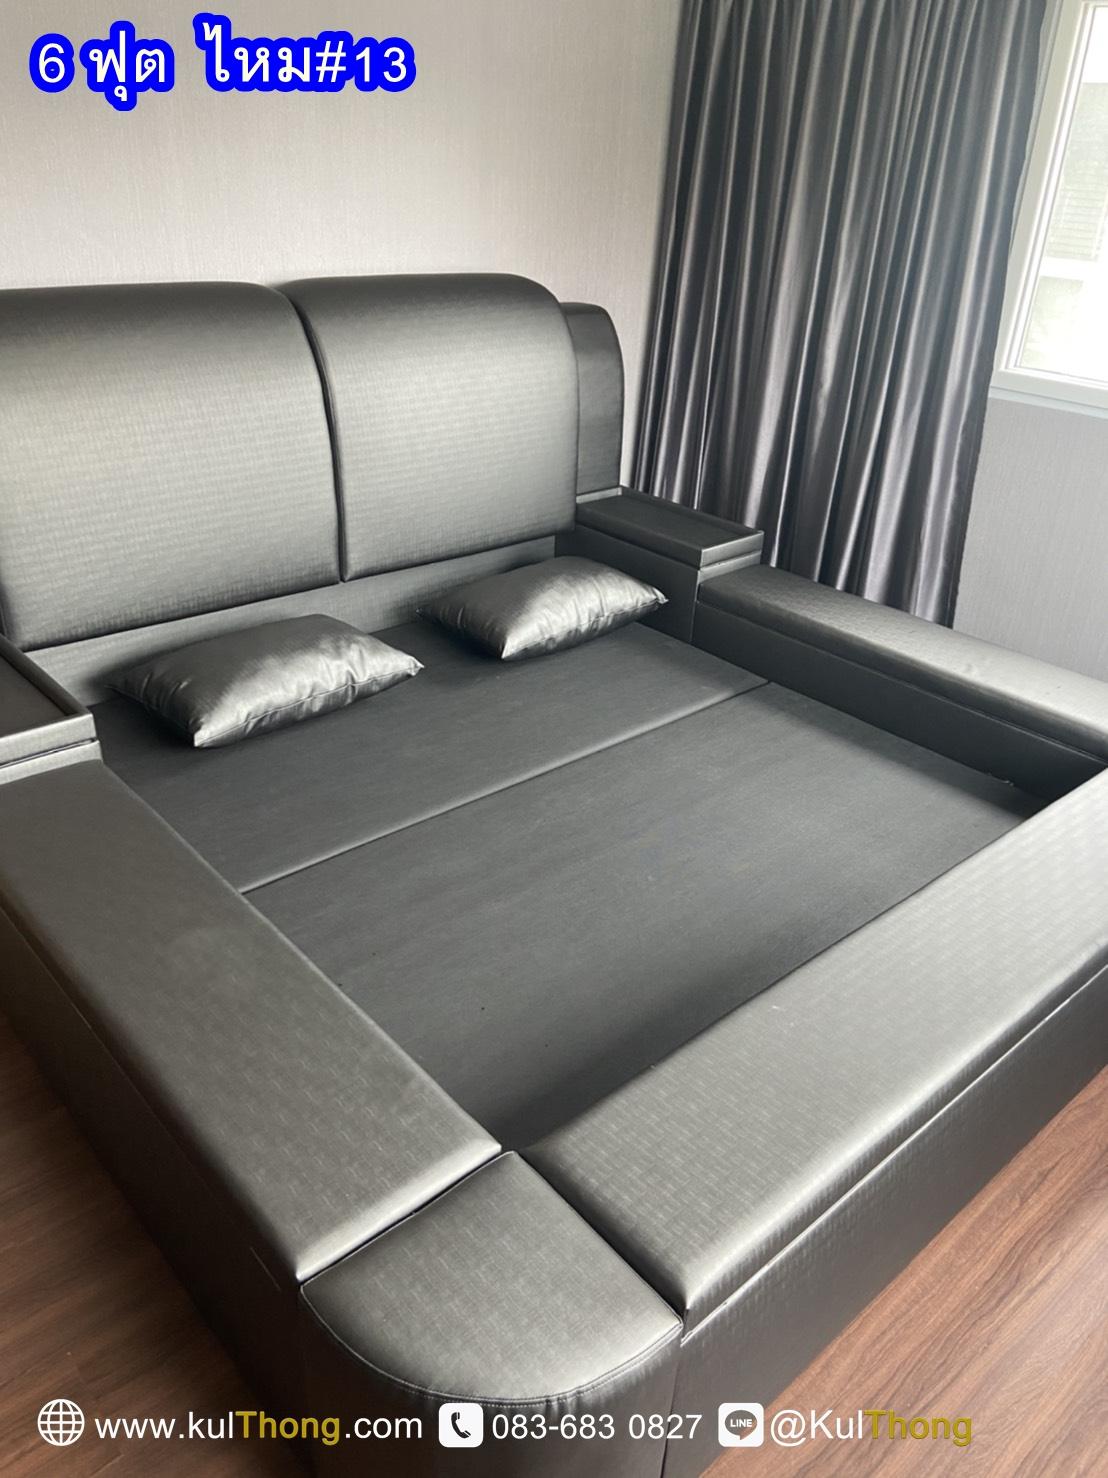 เตียงกล่อง เตียงเก็บของรอบฐาน เตียงมีฝาเปิด เตียงญี่ปุ่น